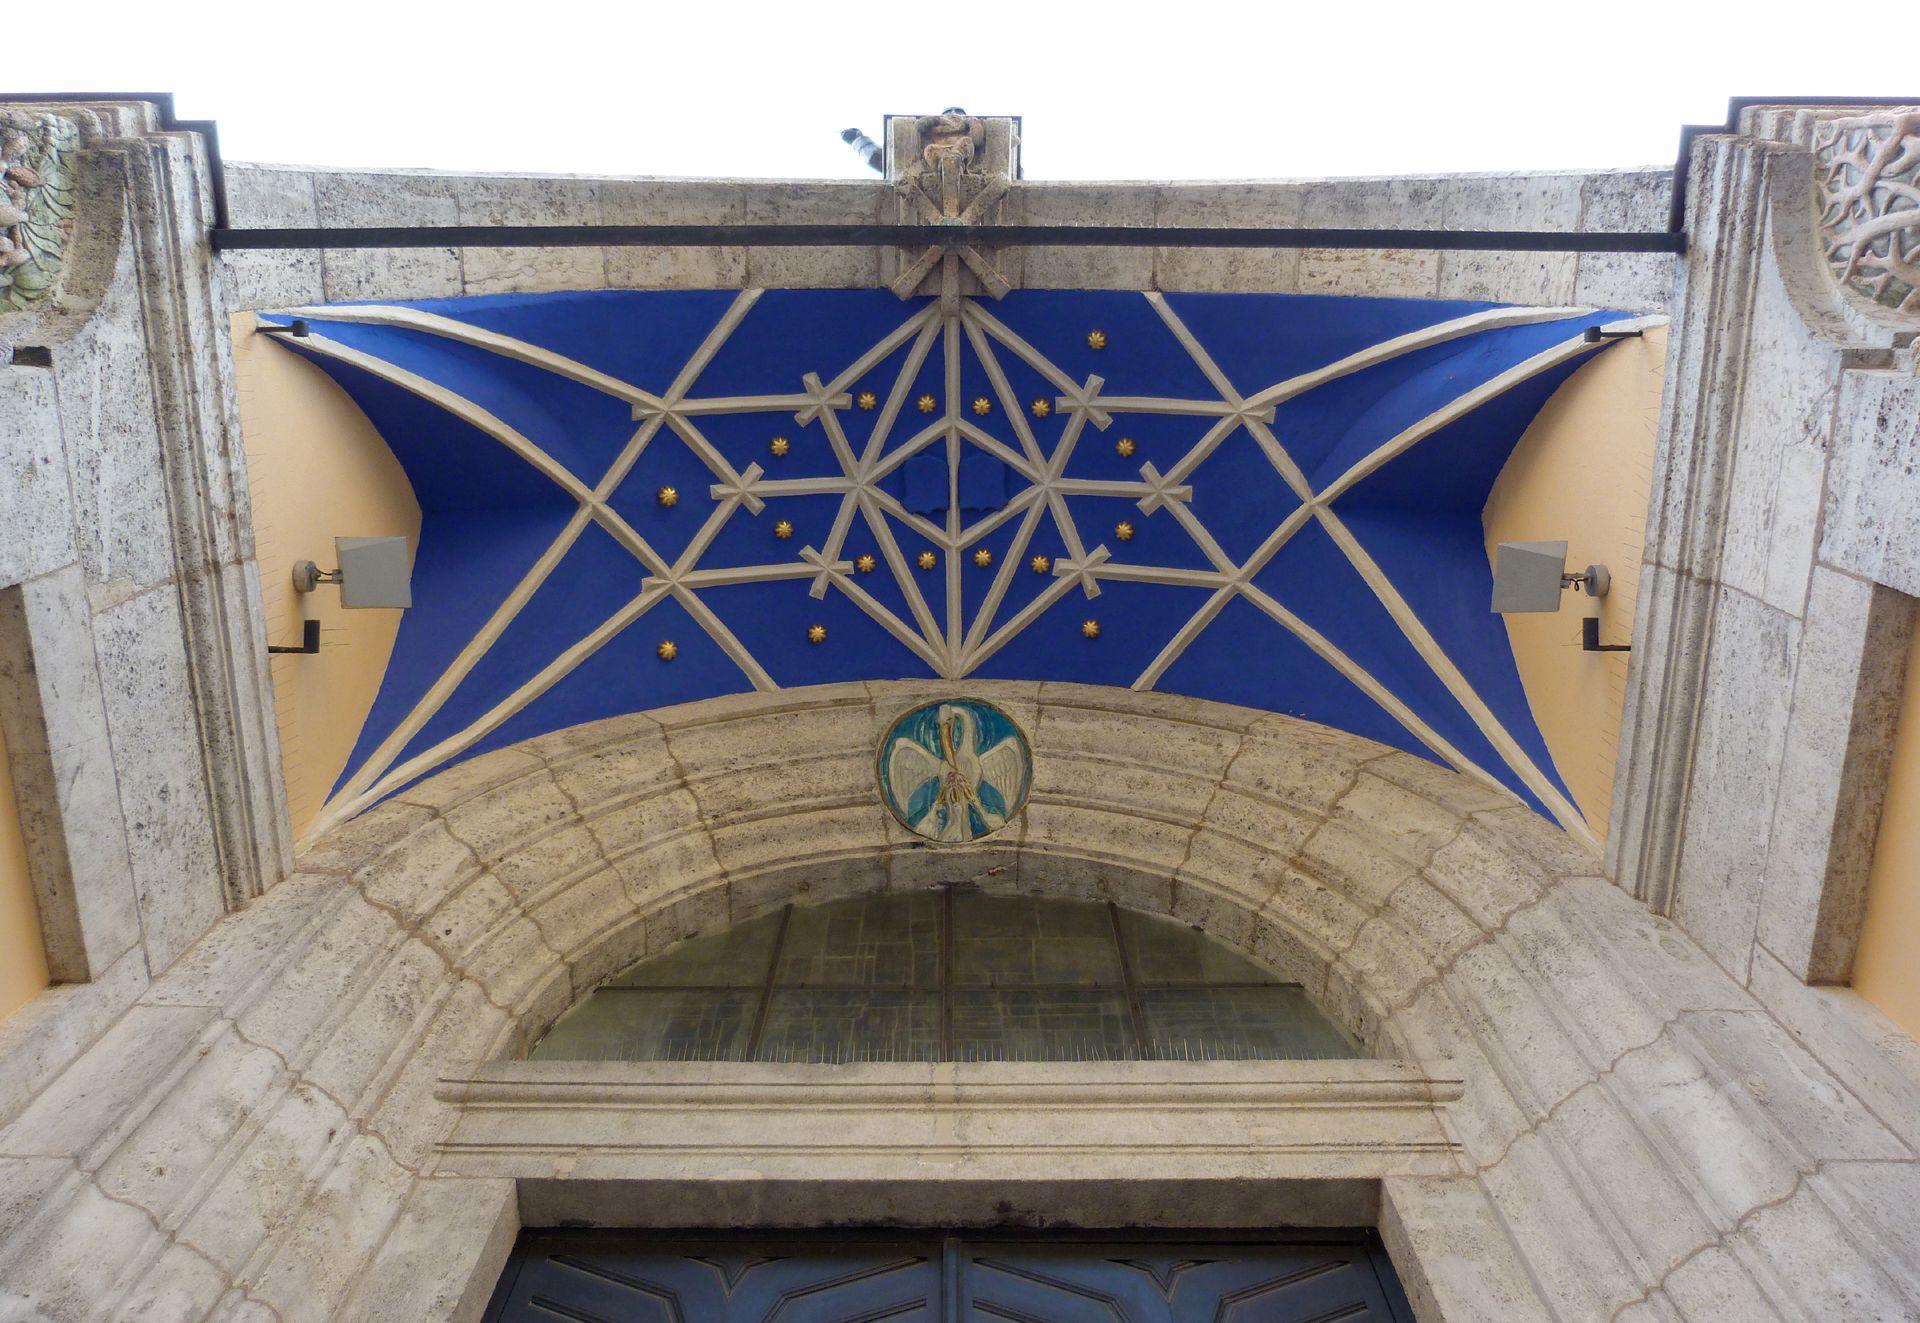 St. Anton Eingangshalle, Netzgewölbe